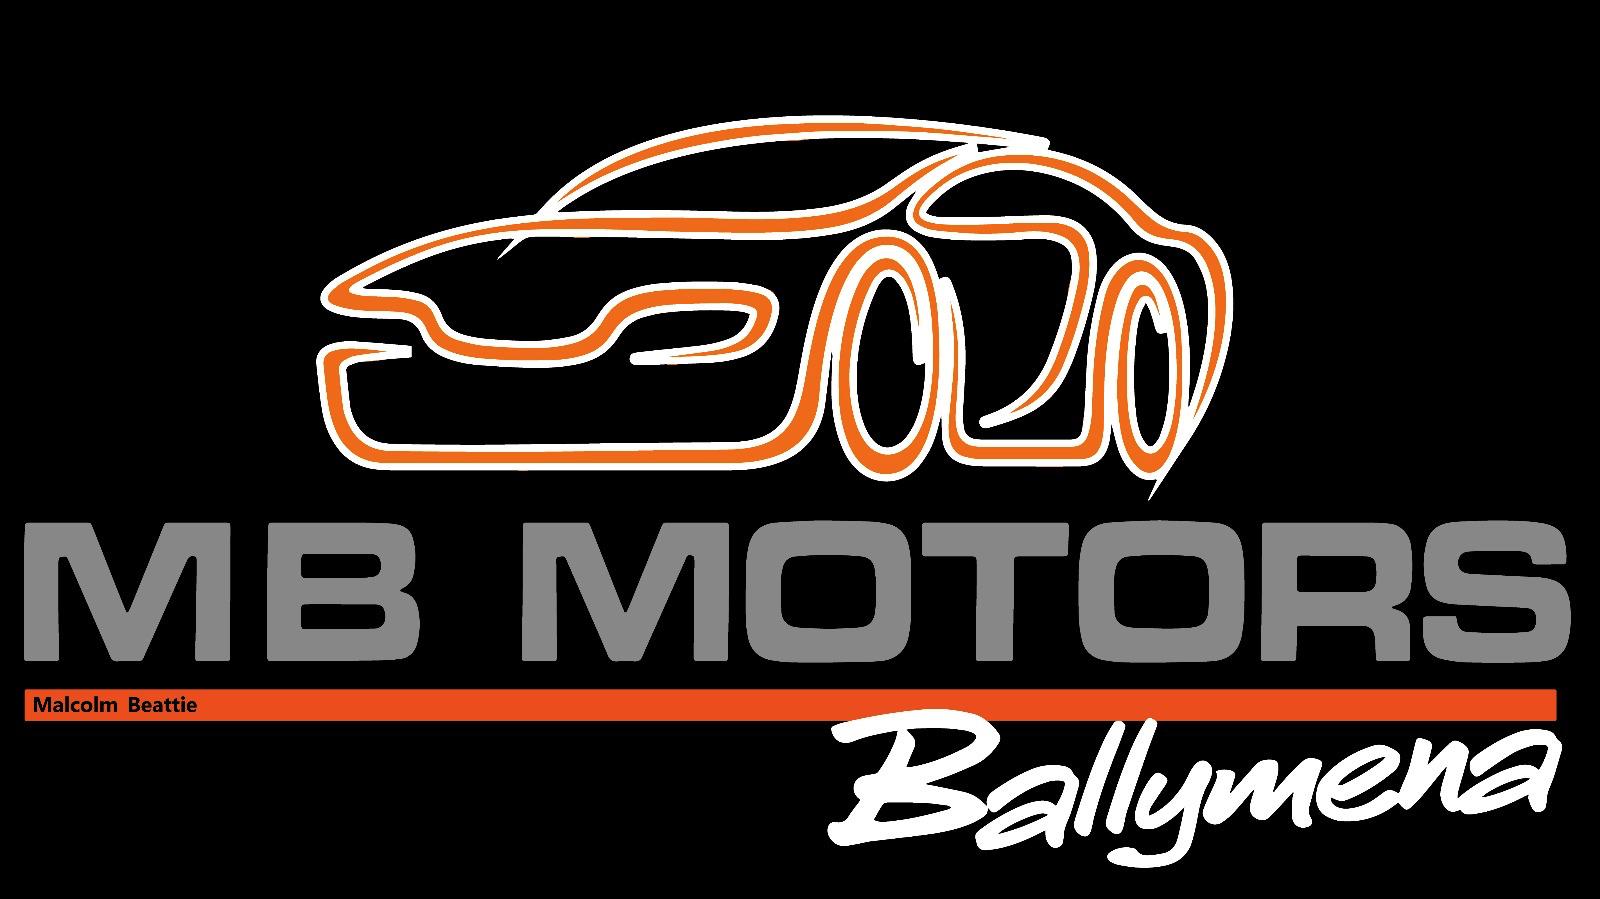 MB Motors, Ballymena